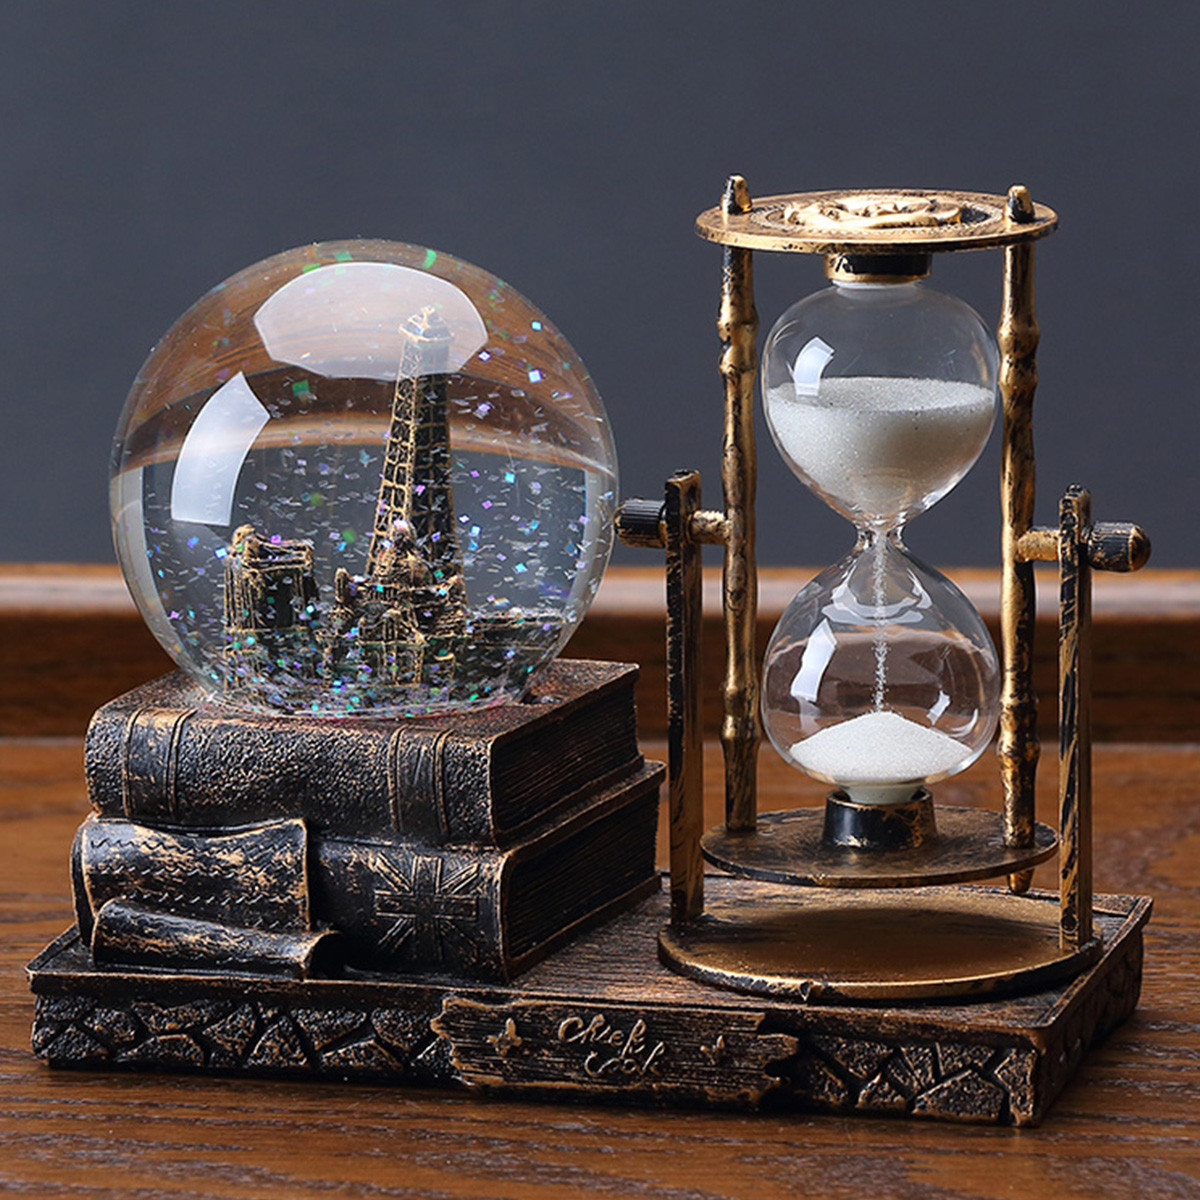 礼物水晶球沙漏计时器创意摆件客厅家居桌面装饰品工艺品 复古铜